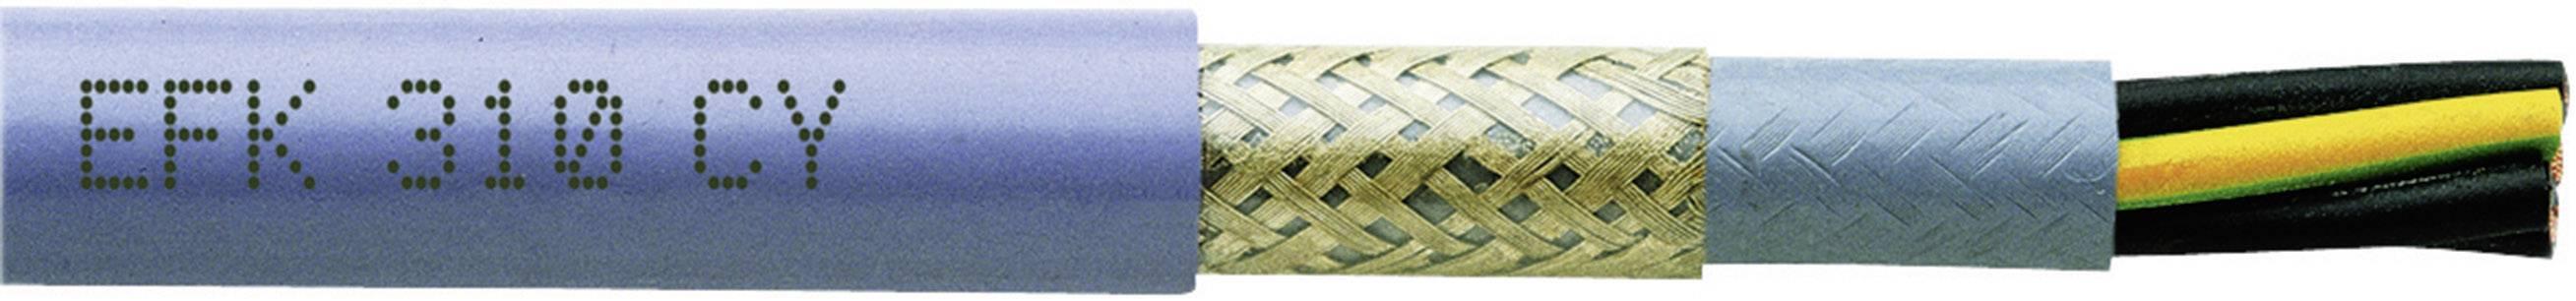 Tažný kabel Faber Kabel EFK 310 CY 310 CUL EFK PVC/PVC/C/PVC (035473), 4x 0,5 mm², PVC, Ø 9 mm, stíněný, 1 m,